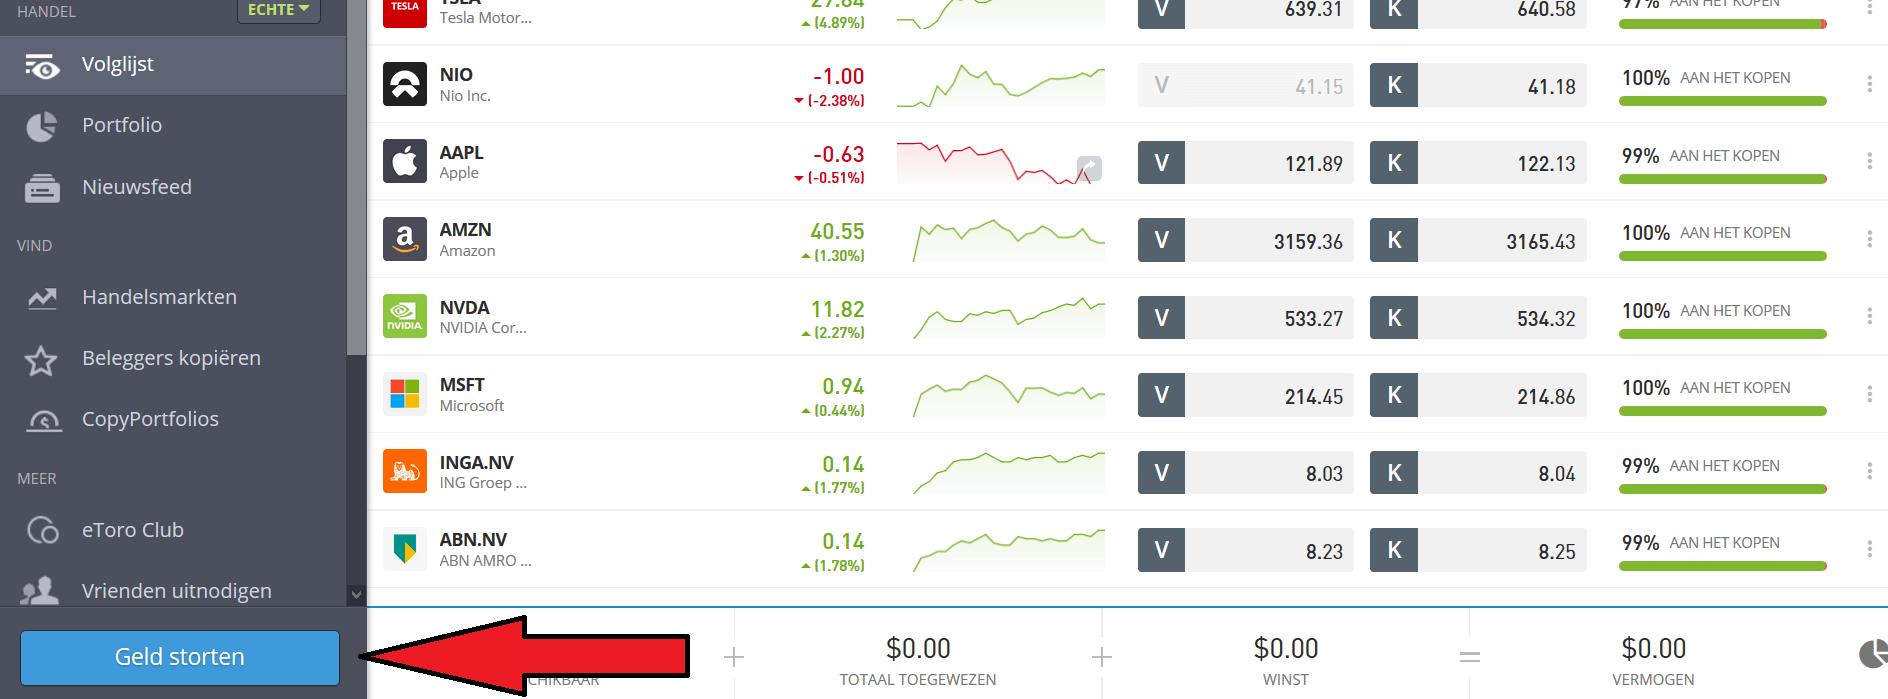 Aandeel Philips etoro storten